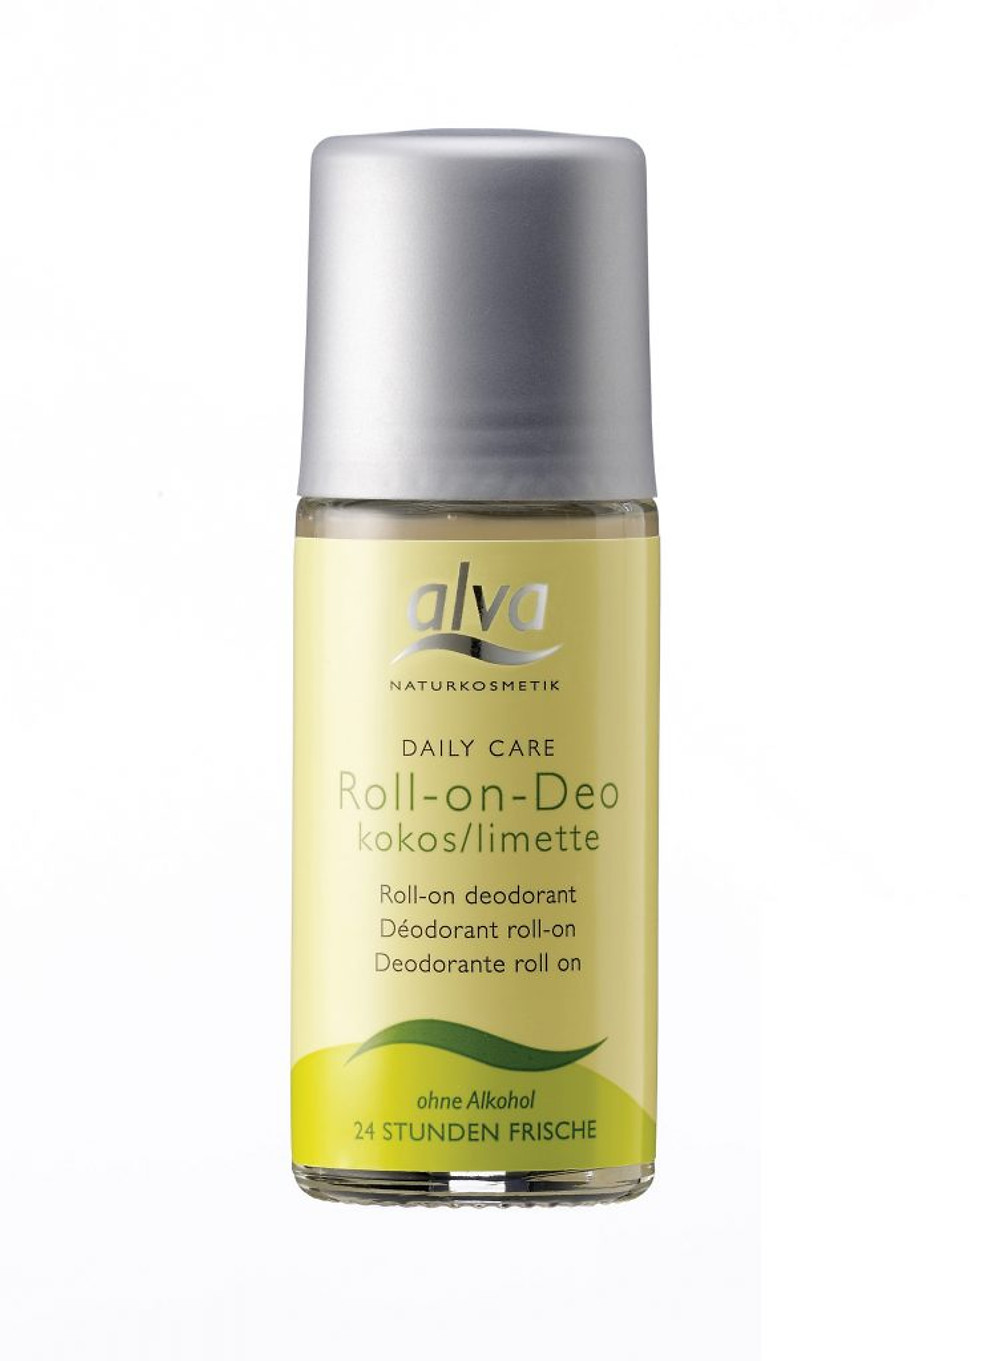 Desodorante natural, orgânico e vegano!